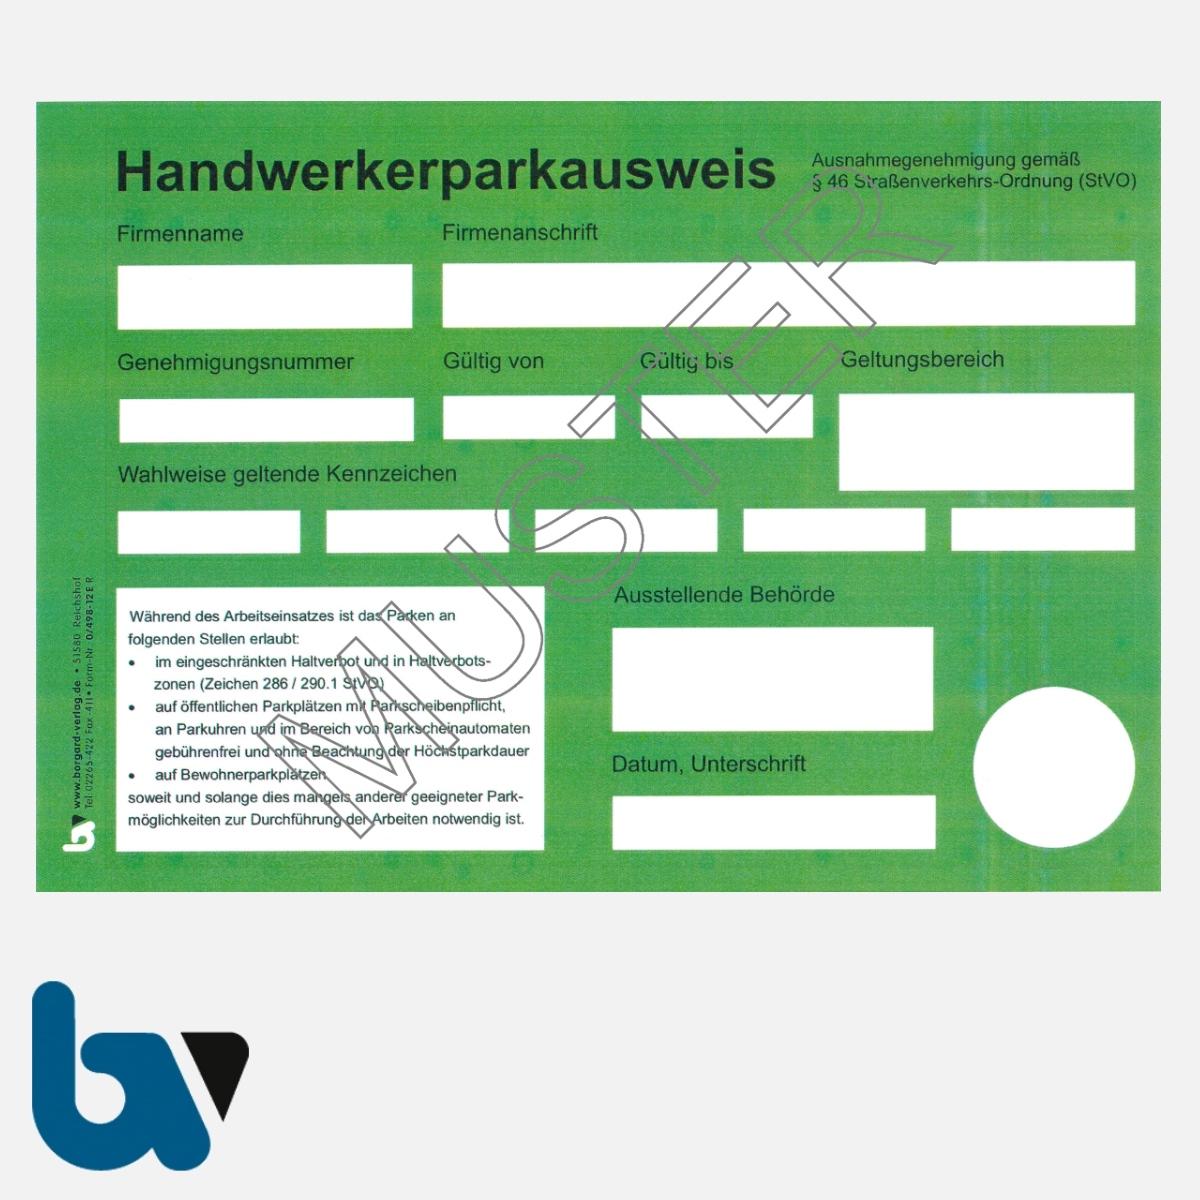 0/498-12.1s Handwerkerparkausweis 46 Straßenverkehrsordnung StVO Nordrhein-Westfalen NRW grün DIN A5 | Borgard Verlag GmbH